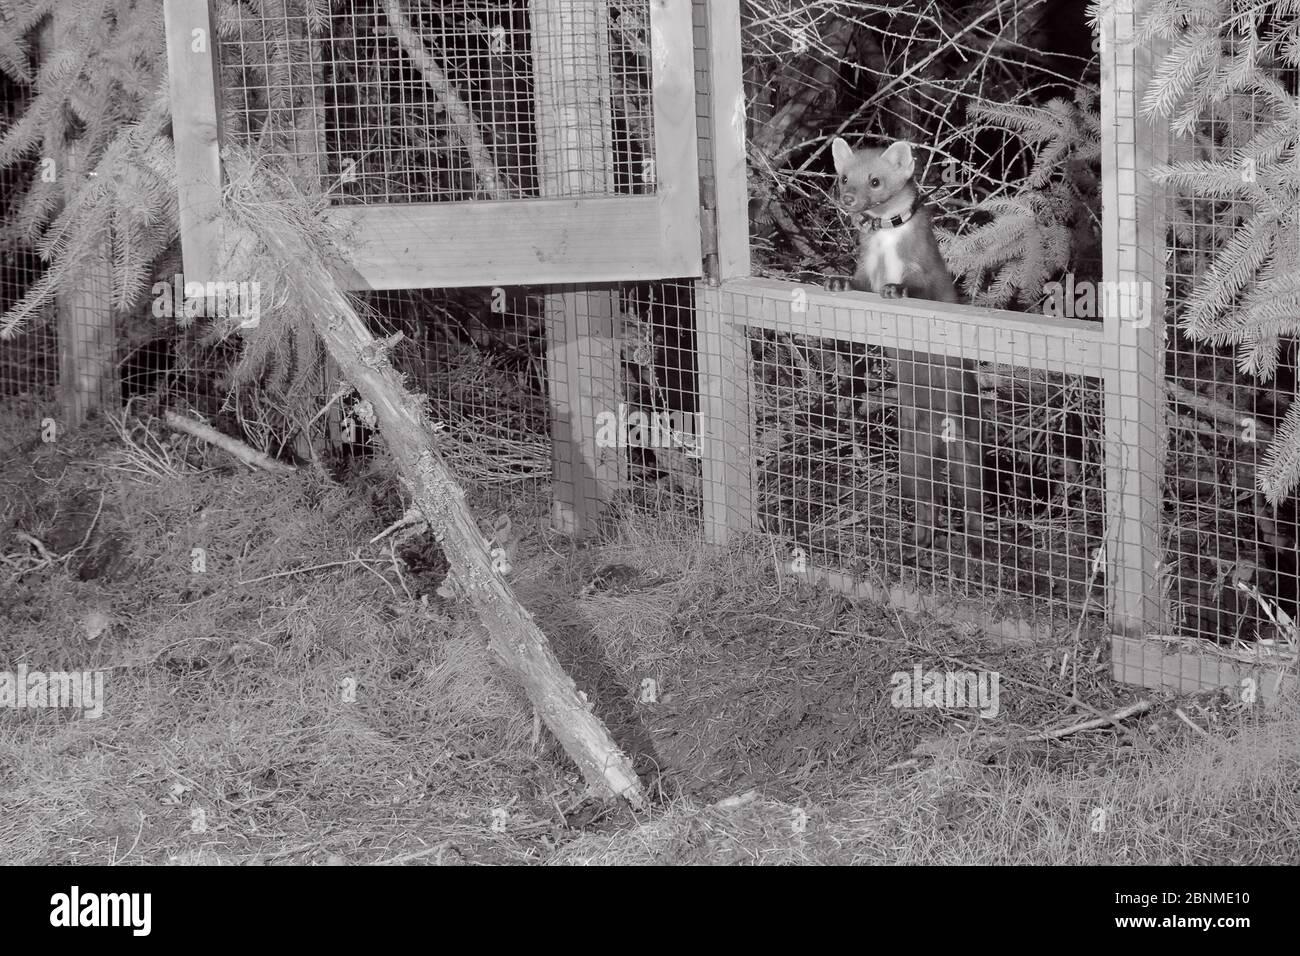 Martes Martes (Martes Martes Martes) maschio radicolato che si prepara ad emergere da una gabbia temporanea a rilascio morbido di notte , durante il progetto di reintroduzione da parte del Foto Stock